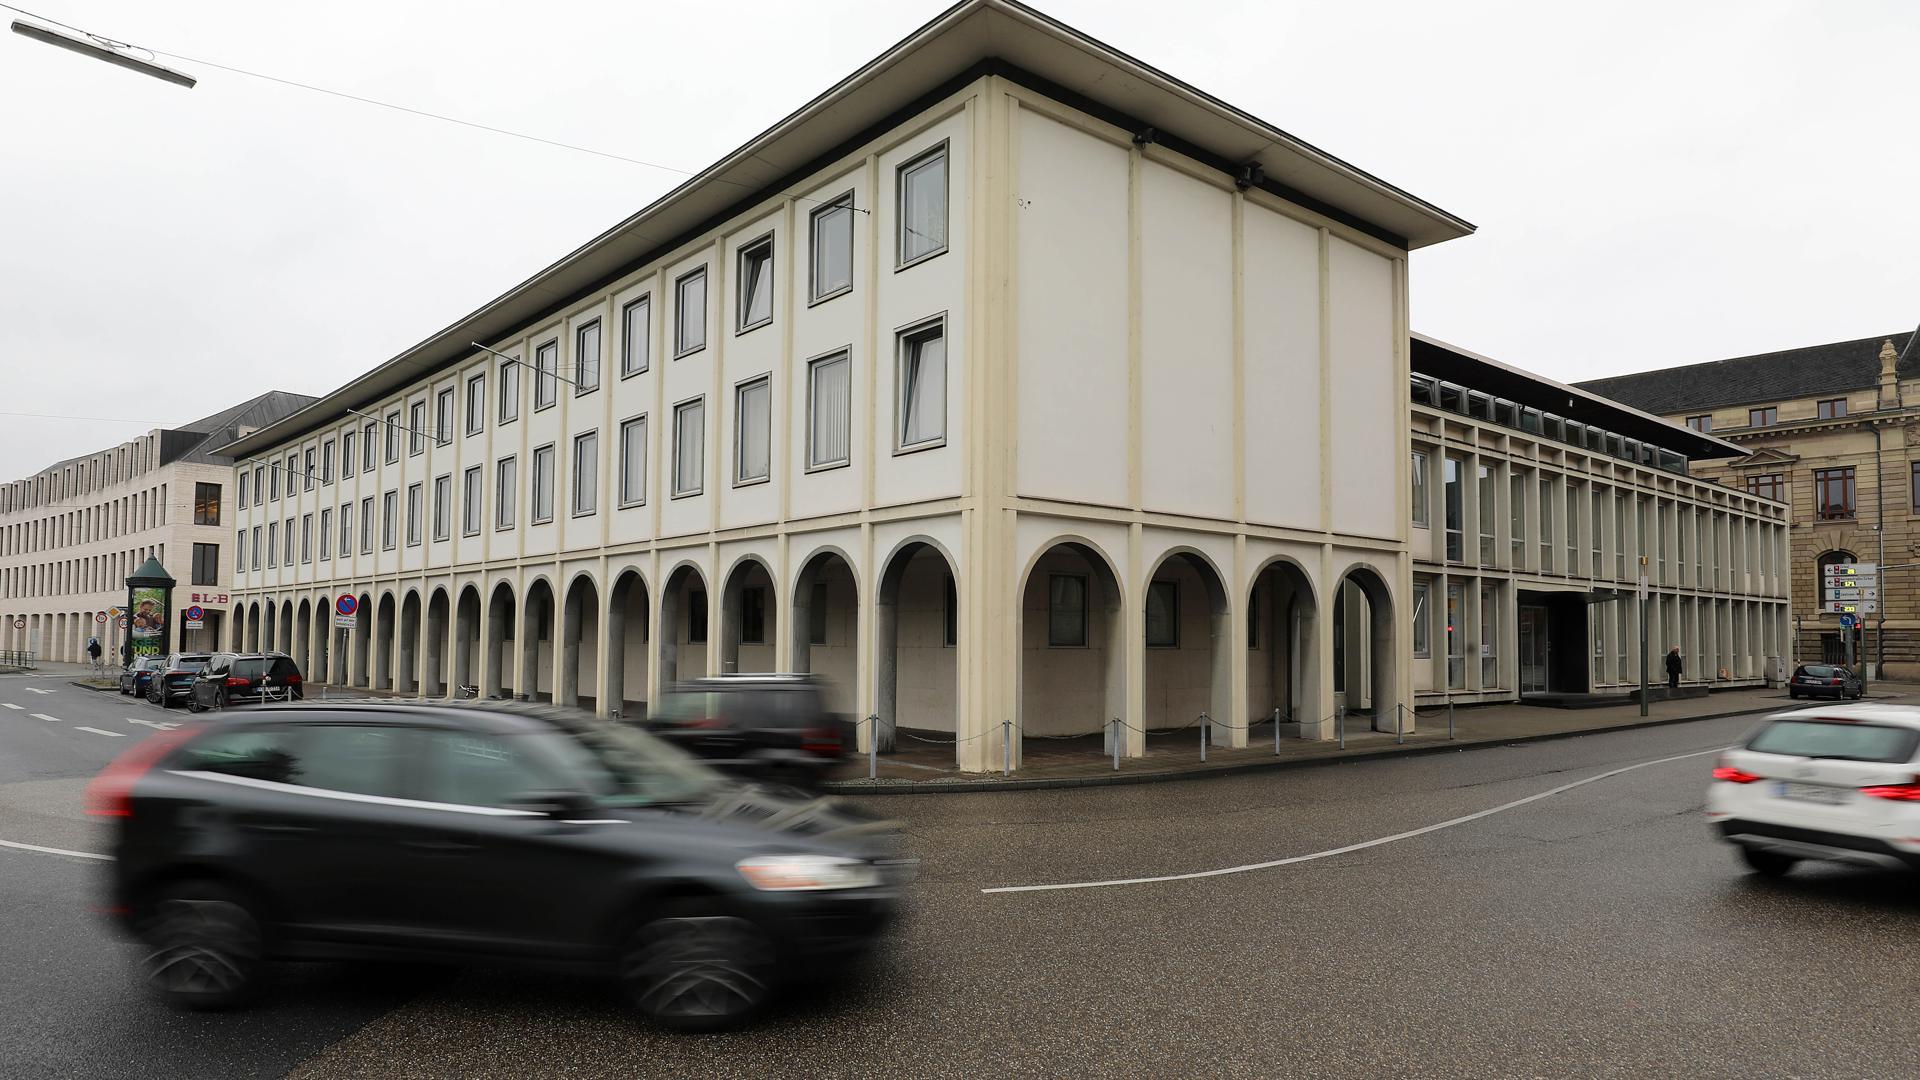 Bewährungsstrafe: Das Amtsgericht Karlsruhe hat einen einstigen DSDS-Teilnehmer wegen des Versuchs der räuberischen Erpressung verurteilt.